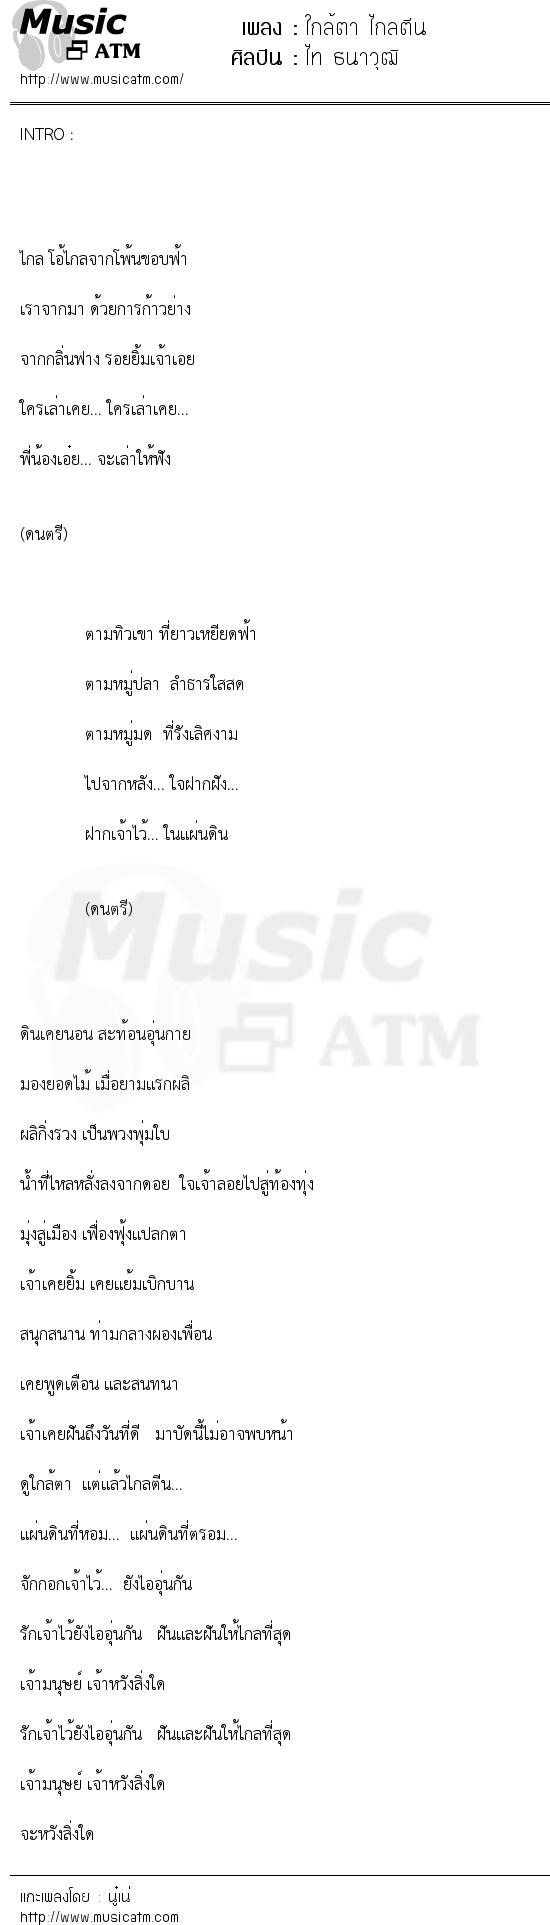 เนื้อเพลง ใกล้ตา ไกลตีน - ไท ธนาวุฒิ | เพลงไทย